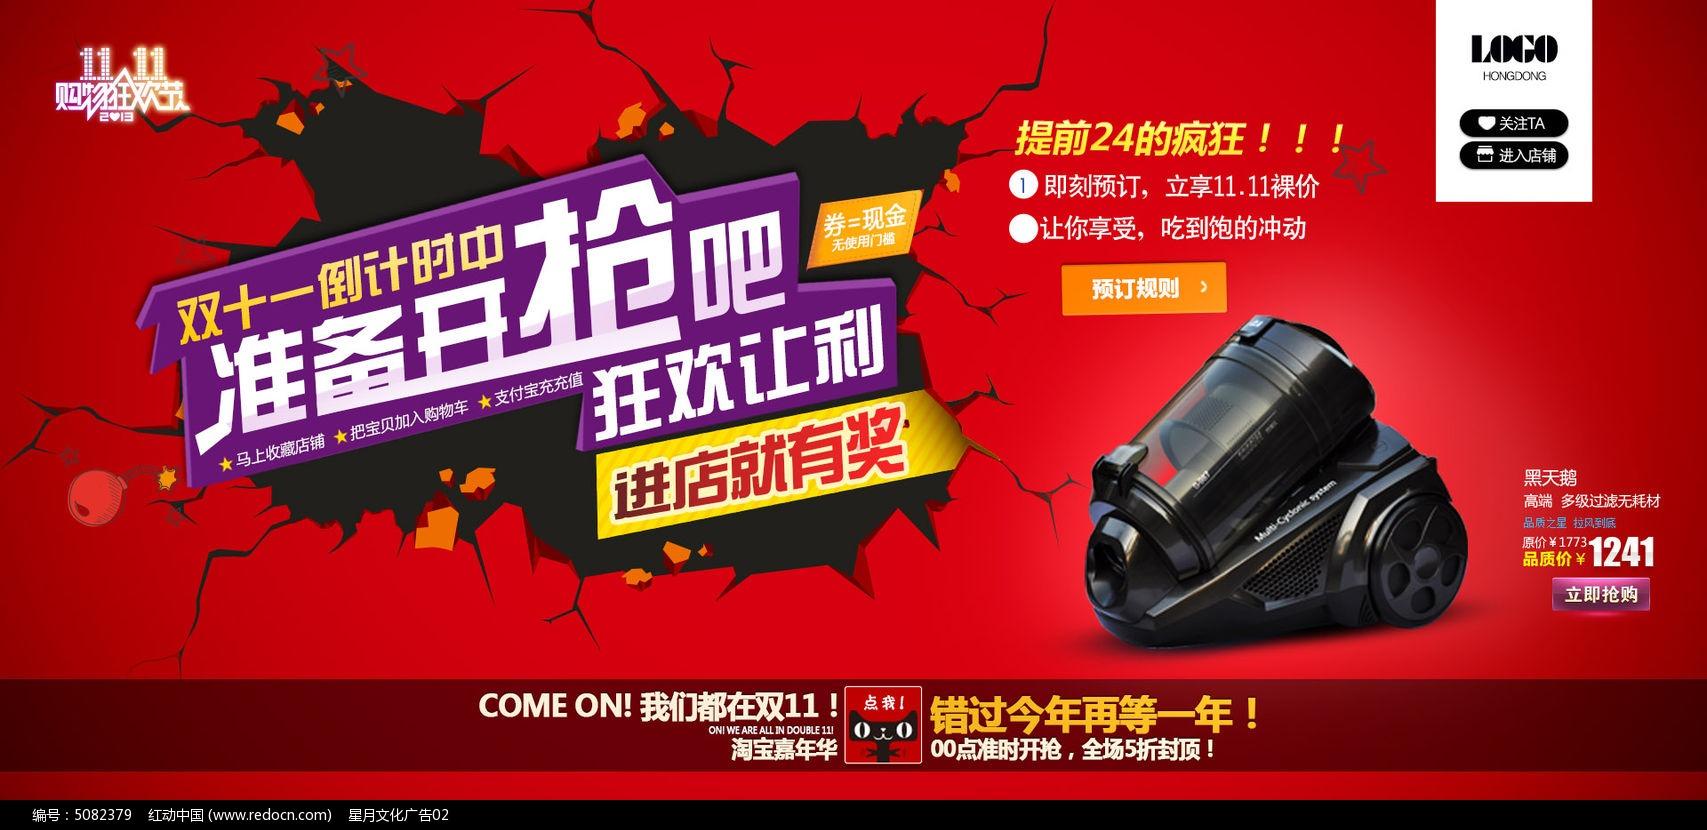 您当前访问作品主题是家用吸尘器双十一活动广告,编号是5082379,文件图片